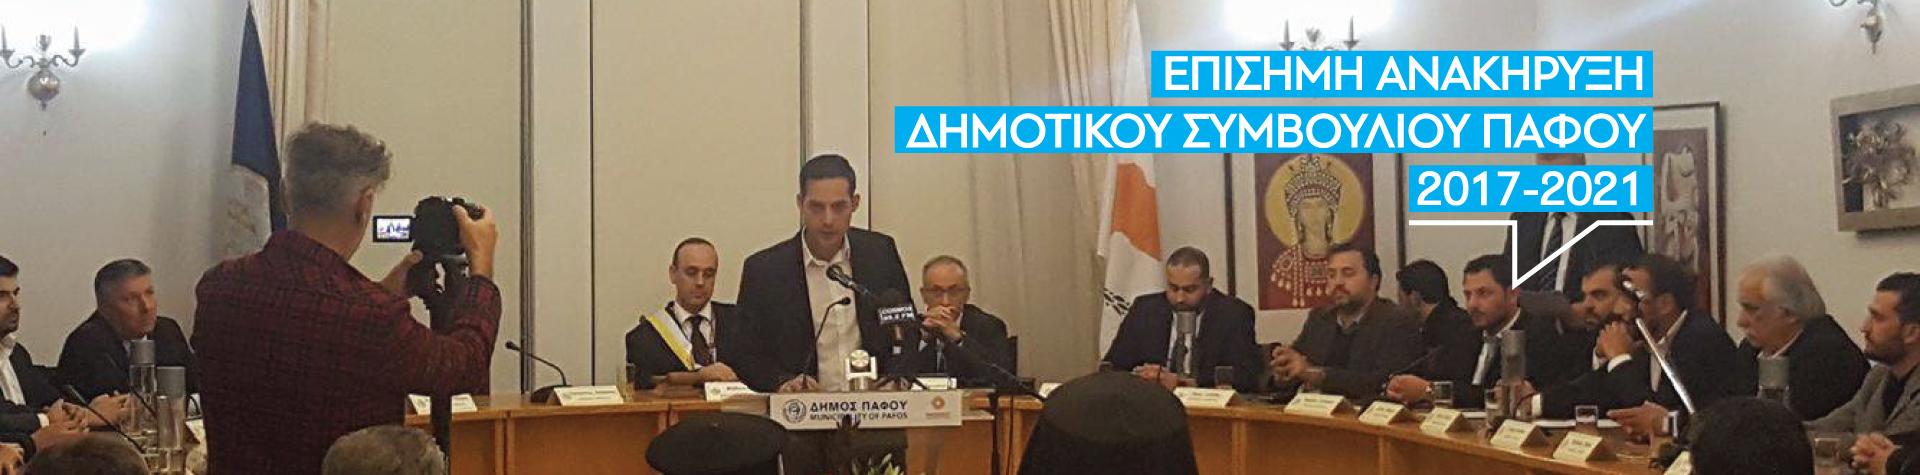 Ομιλία – Επίσημη Ανακήρυξη Δημοτικού Συμβουλίου Πάφου 2017-2021